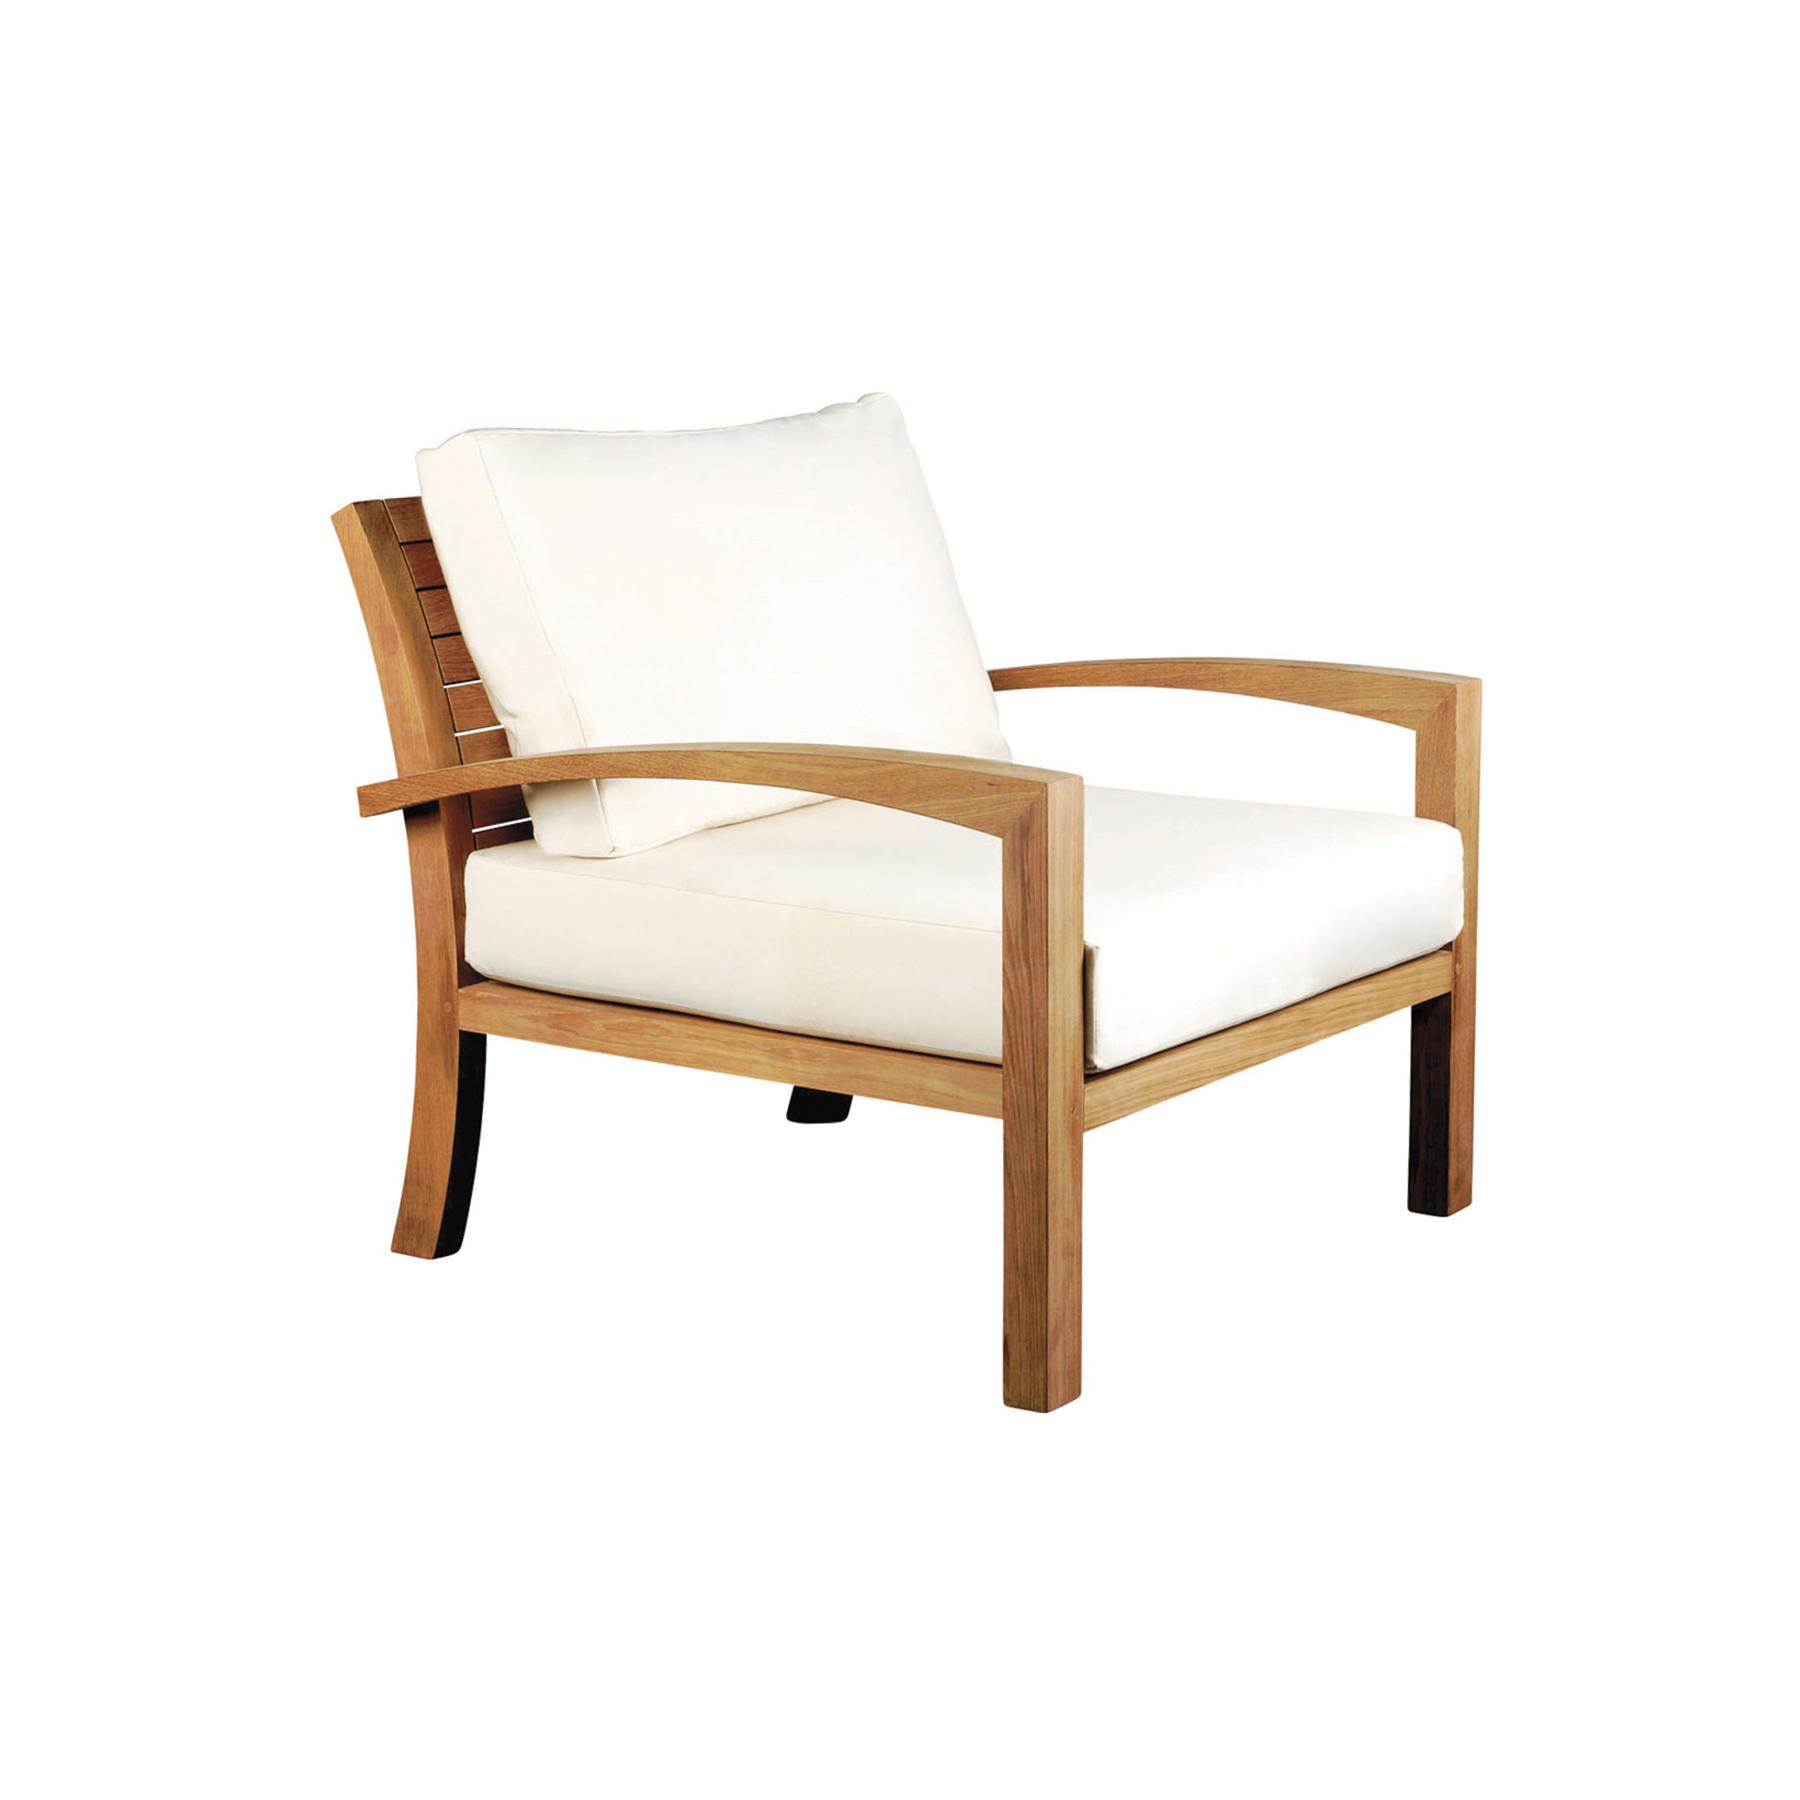 IXIT Lounge Sessel | Royal Botania Gartenmöbel